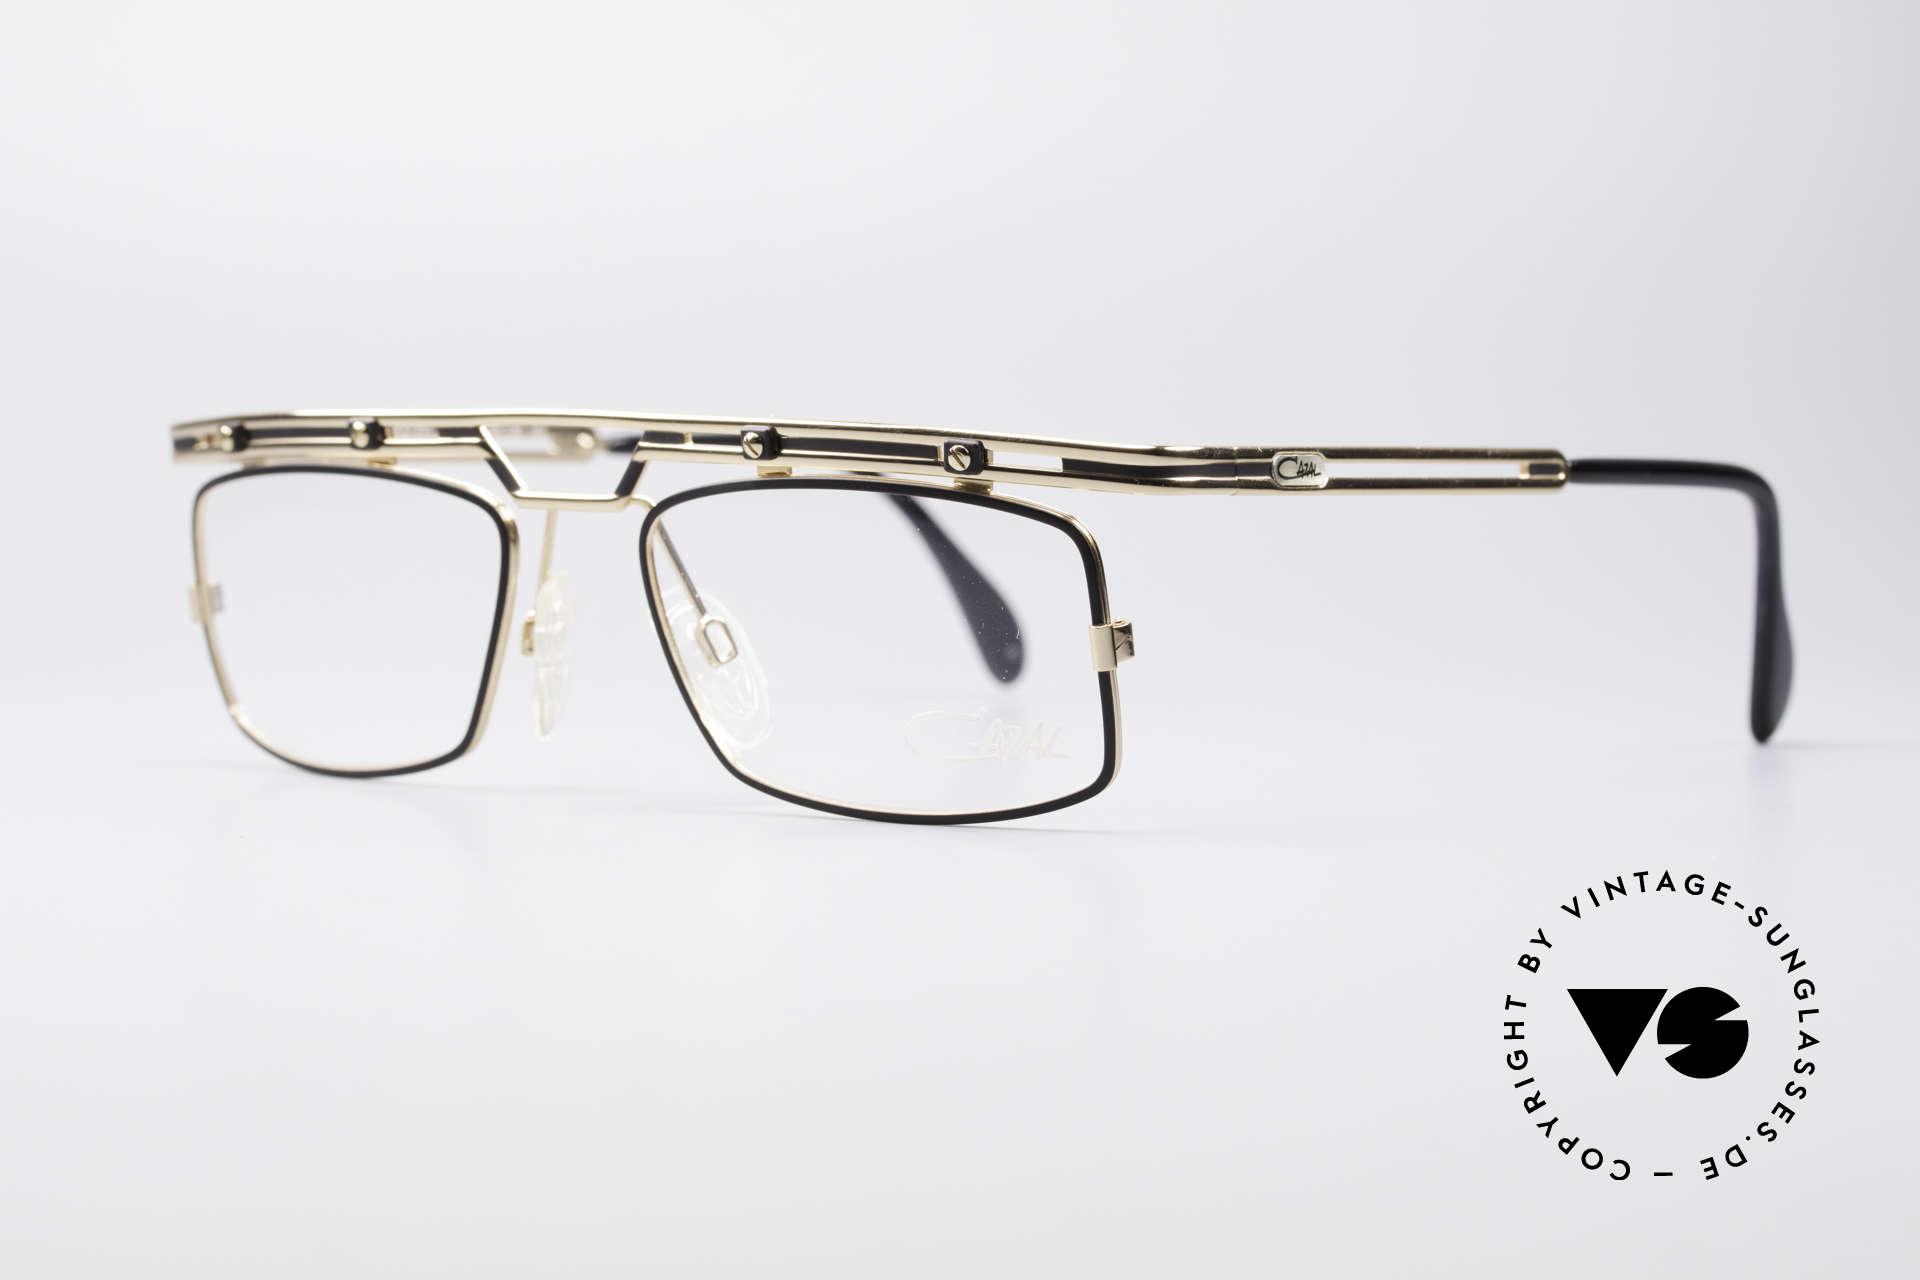 Cazal 975 Vintage 90er Designer Brille, tolle Metallarbeiten & ein außergewöhnlicher Look, Passend für Herren